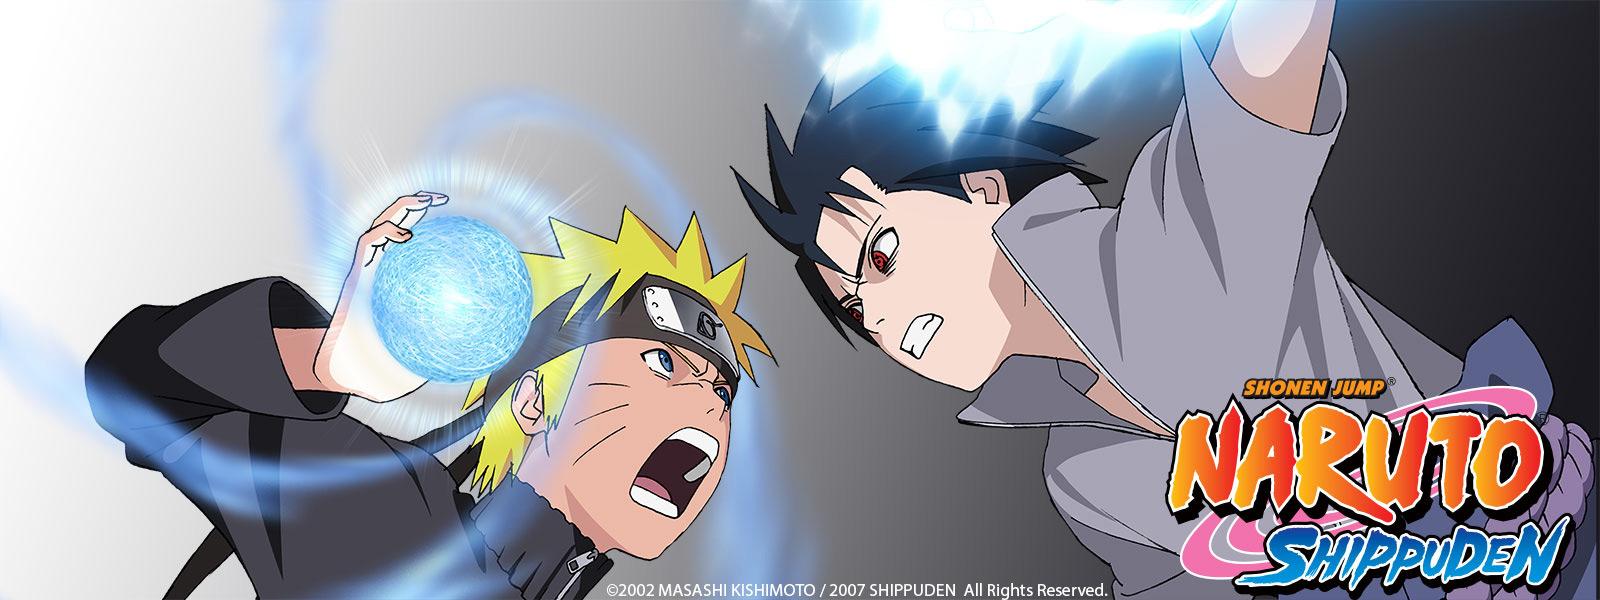 Naruto shippuden srie est na claro vdeo e tambm chega ao viz neon alley naruto shippuden streaming anime reheart Choice Image